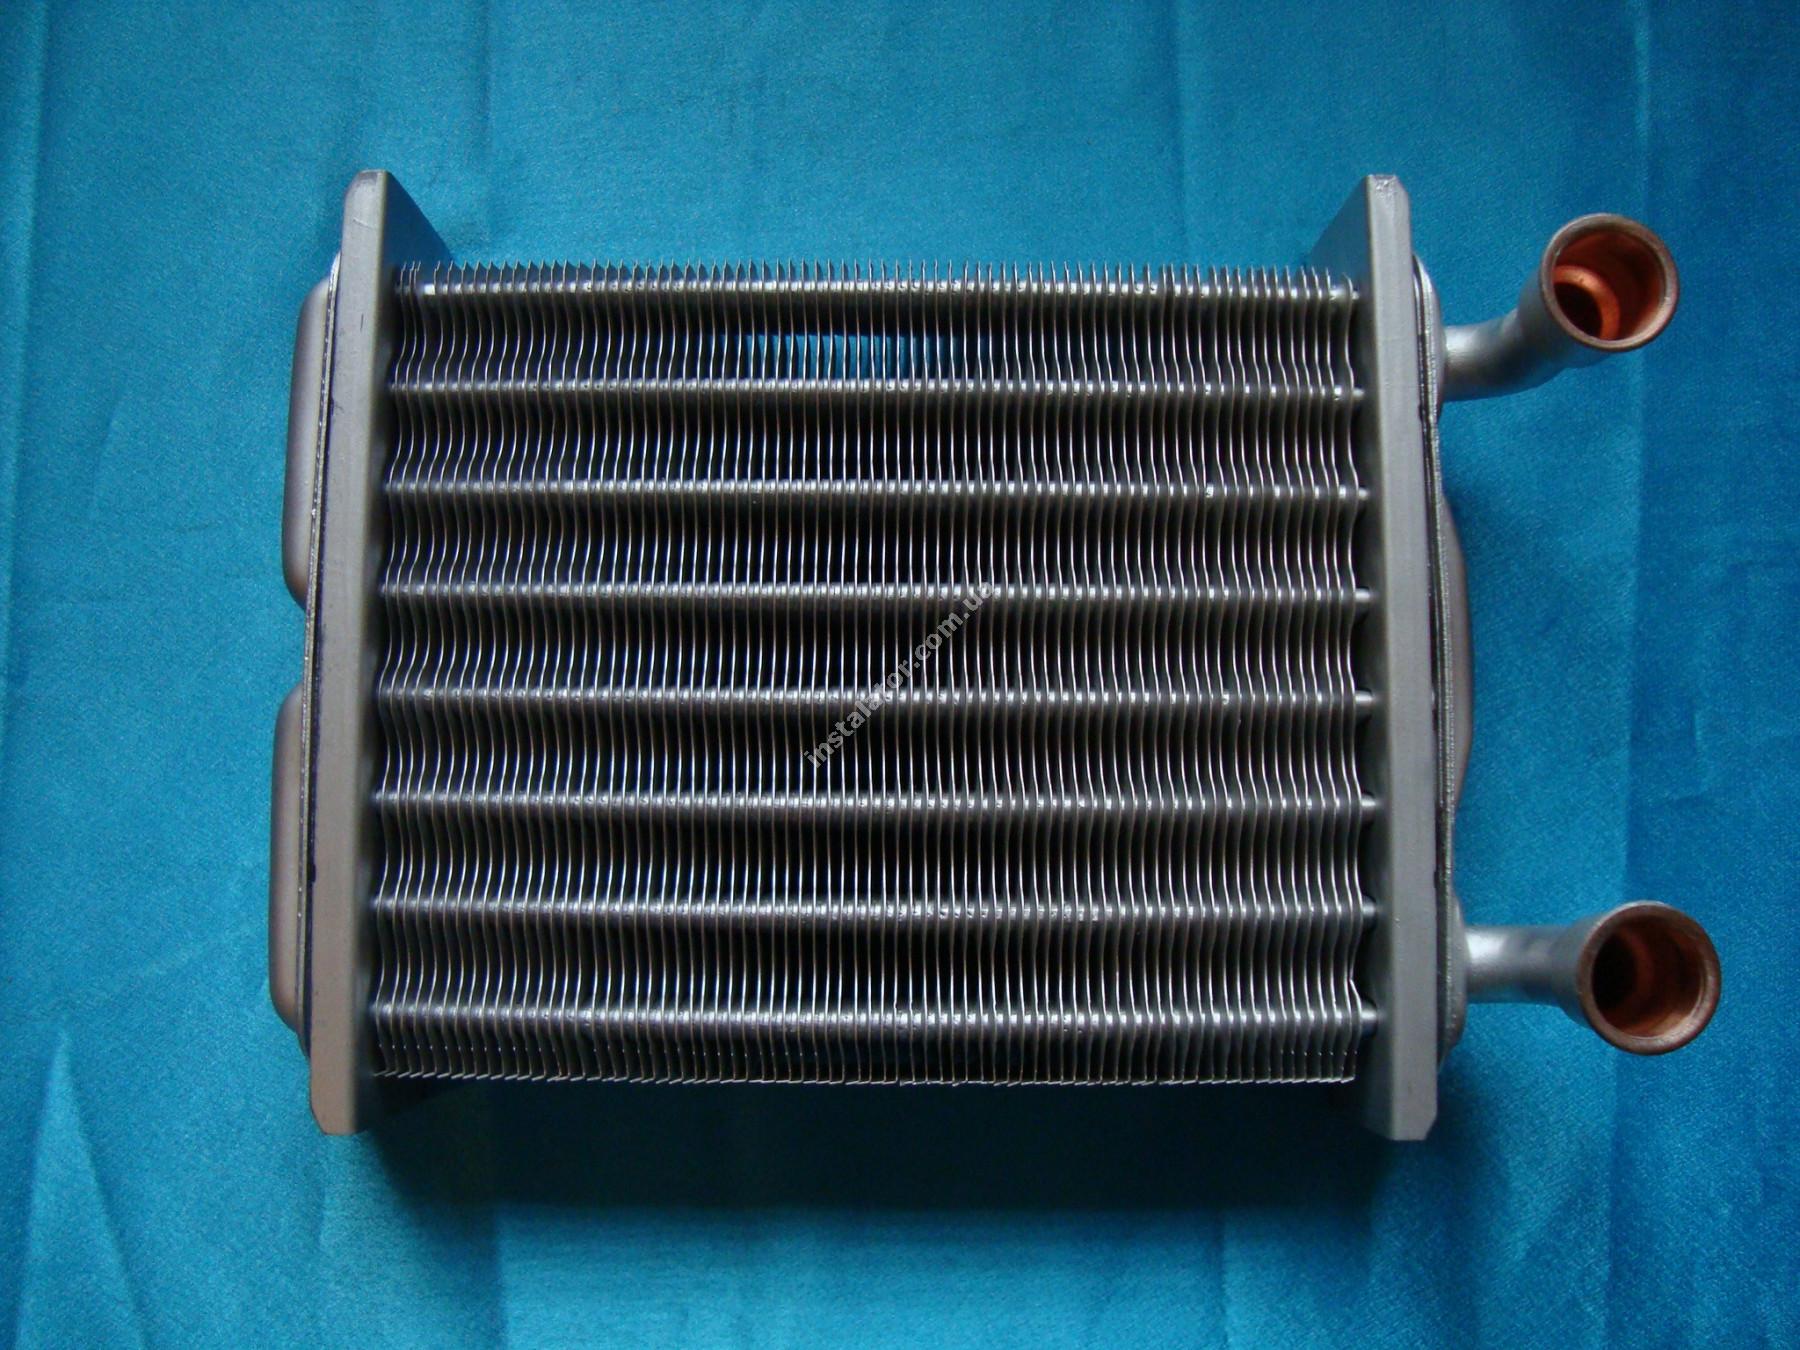 BI1562103 Теплообмінник первинний BIASI Rinnova, Ivonia (турбовані версії) full-image-1